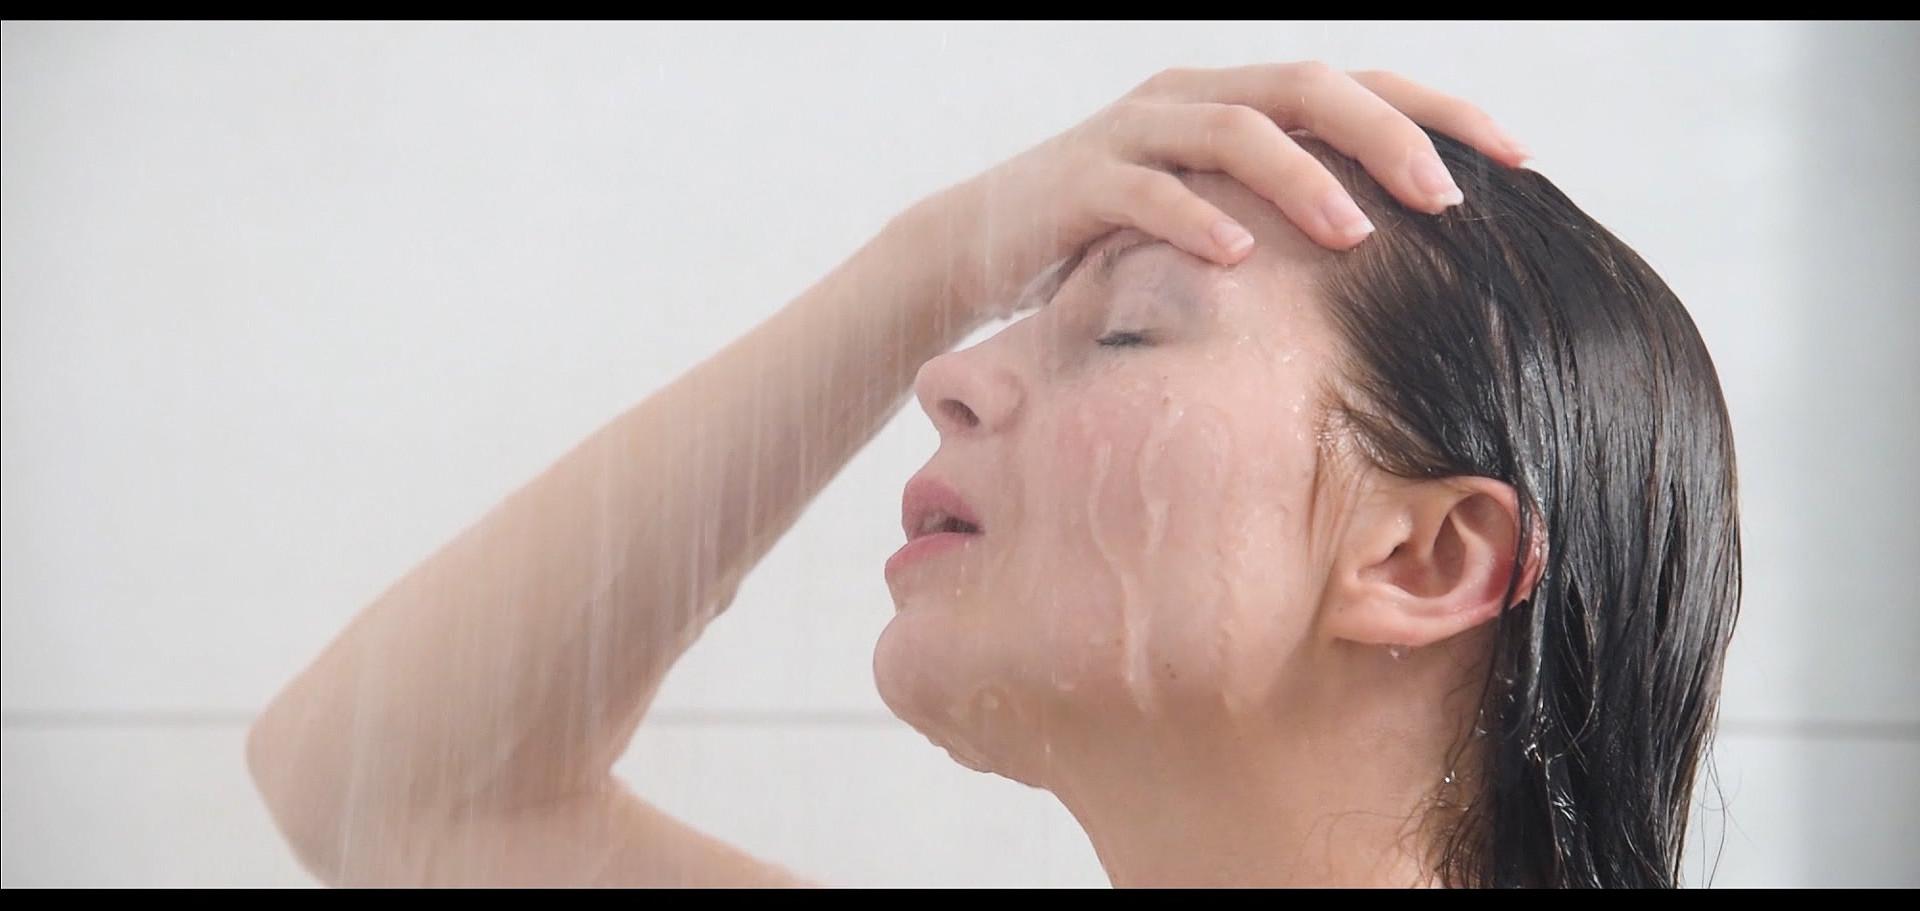 Werbefilm - Ekes Sanitärtechnik